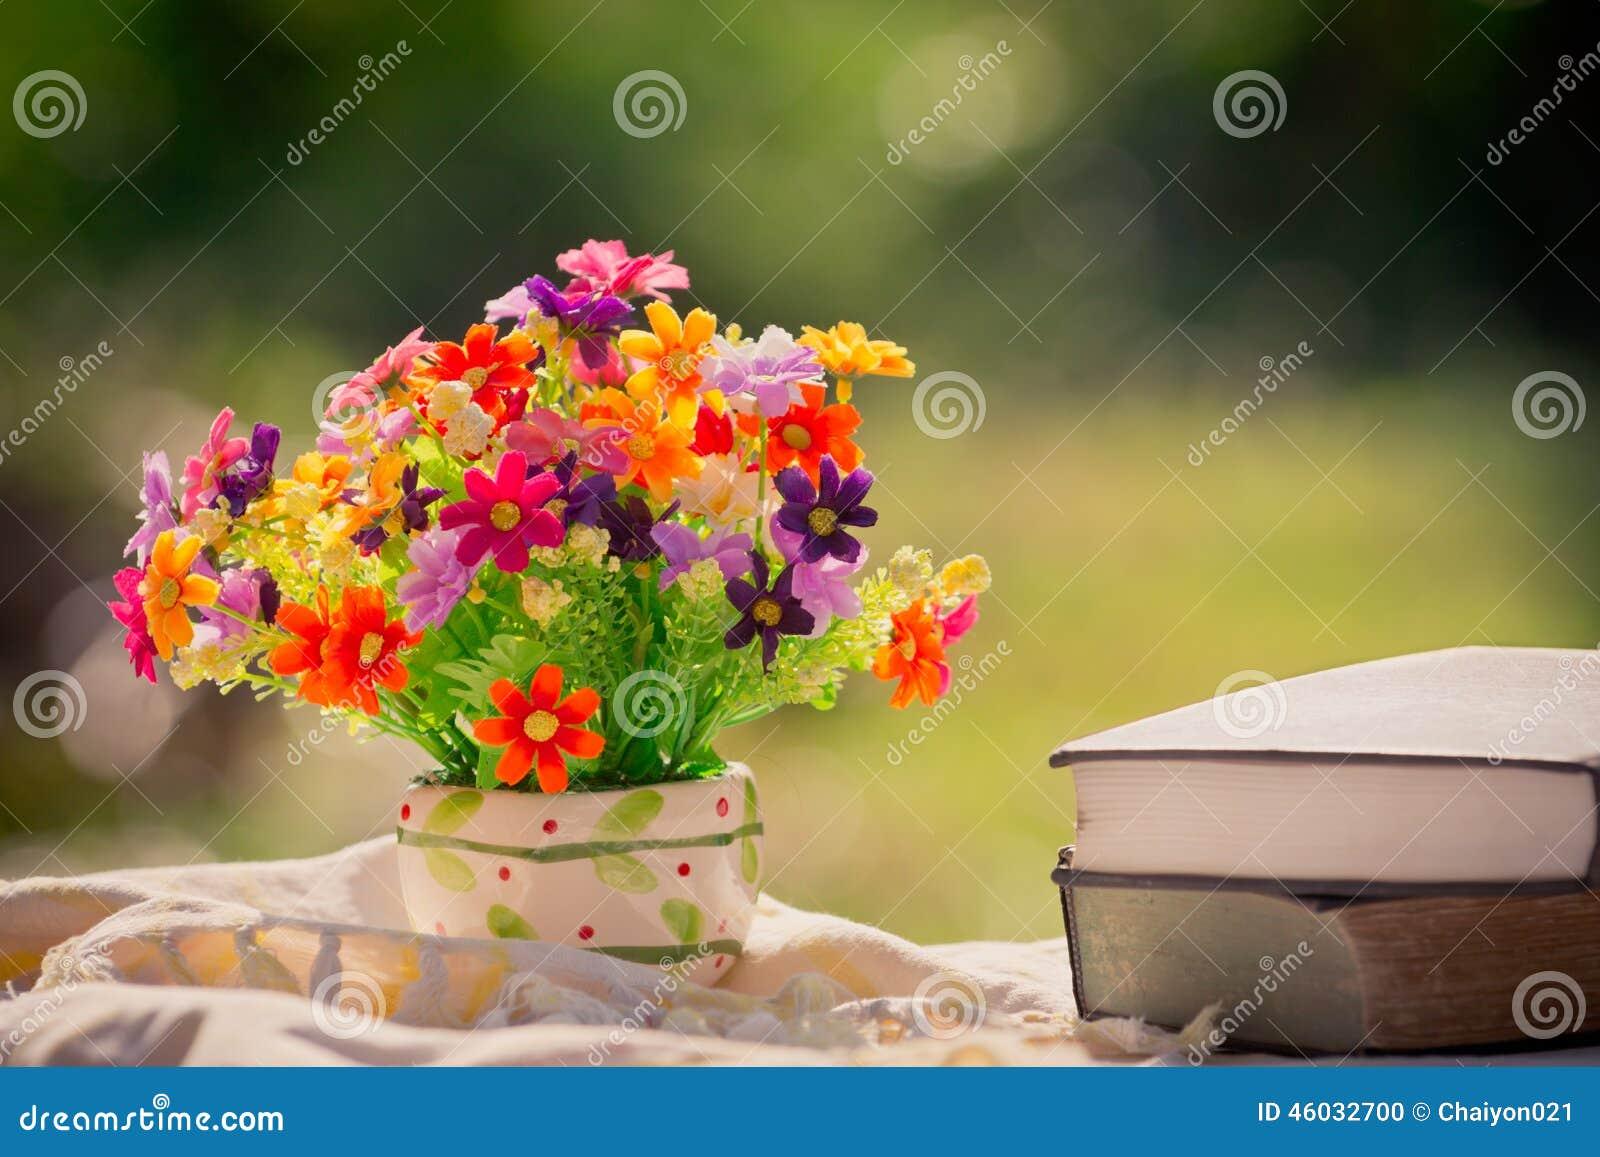 Fleur et livre la nature photo stock image 46032700 - Initiatives fleurs et nature ...